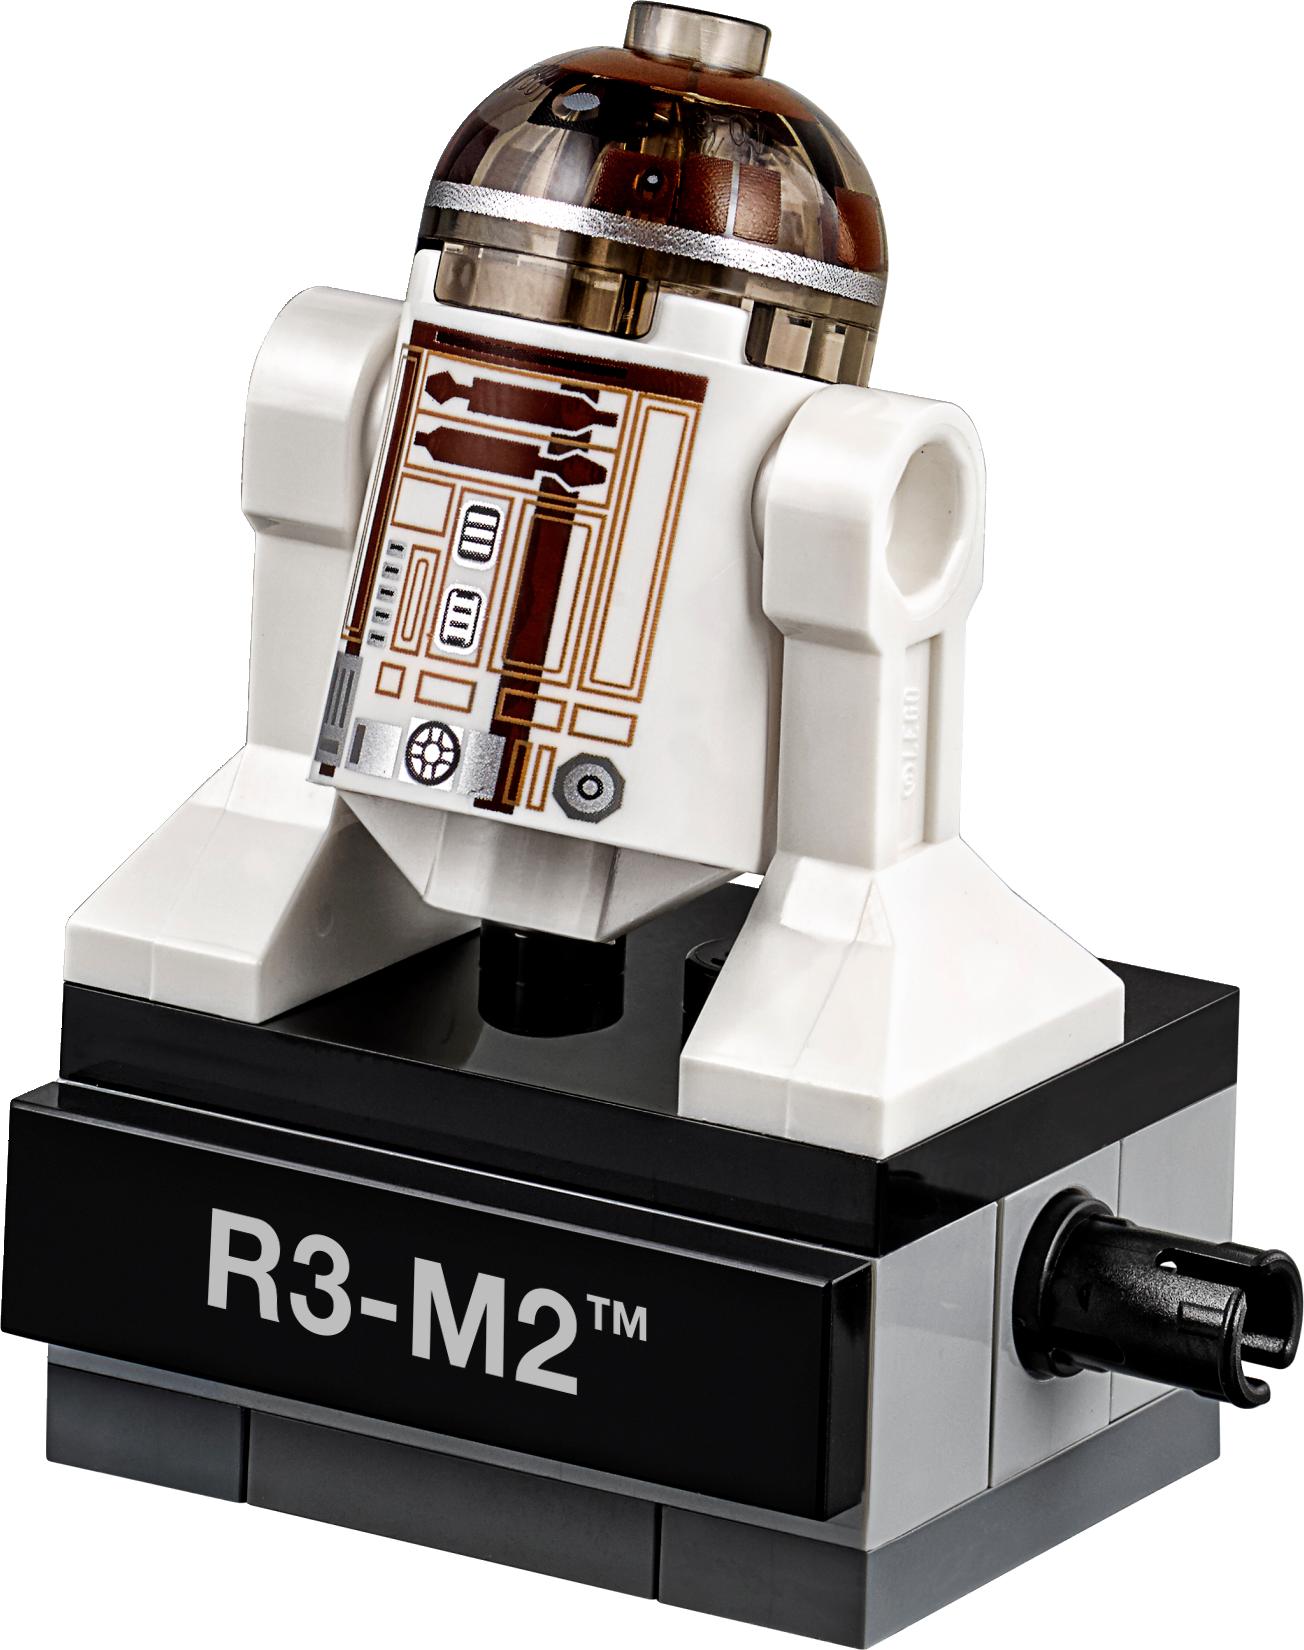 R3-M2